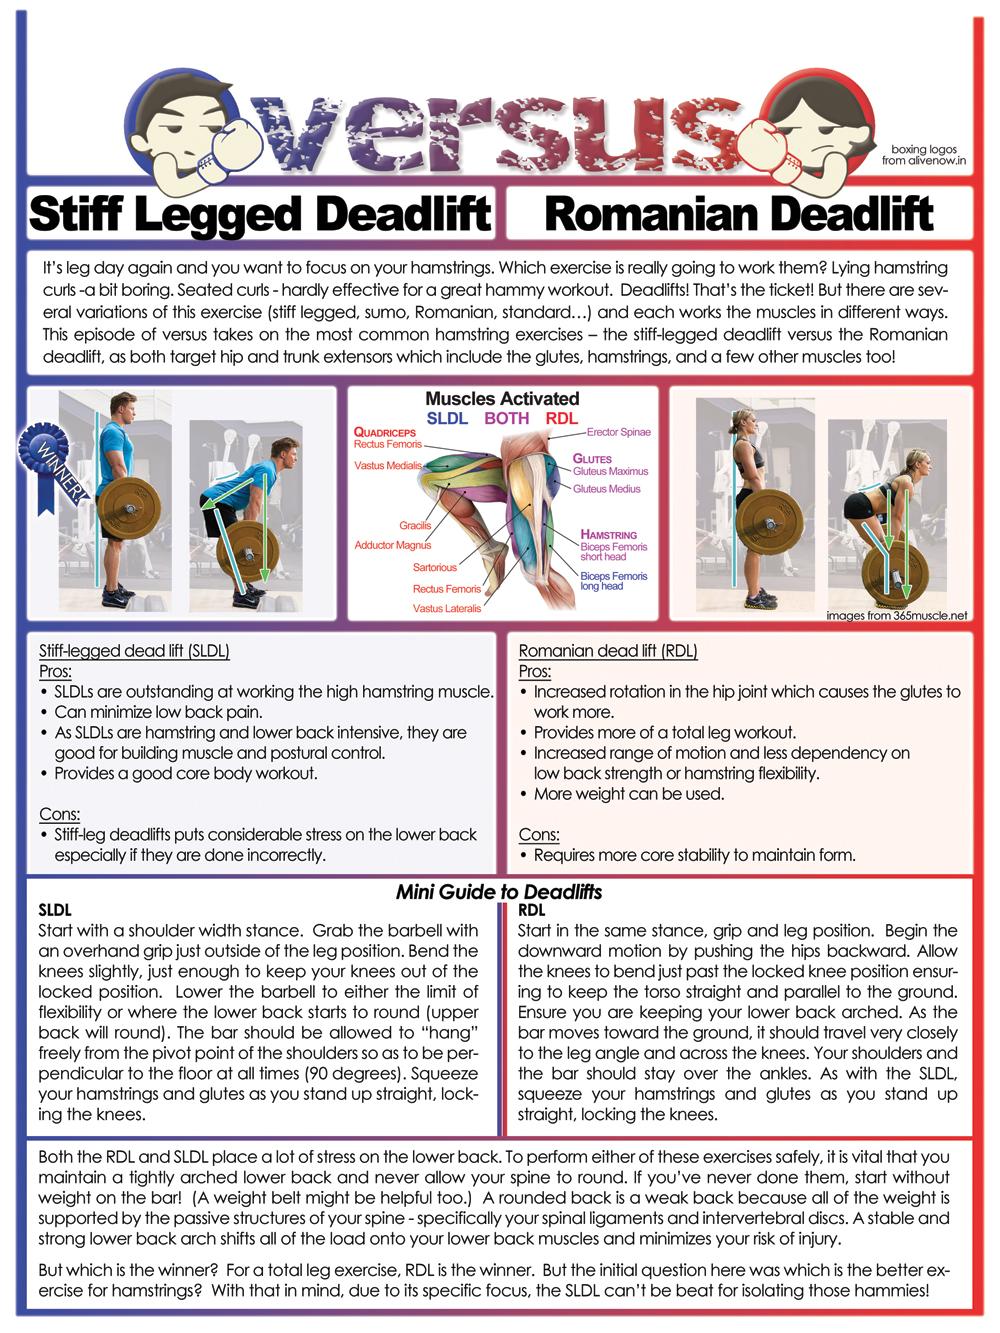 Versus_deadlifts.jpg